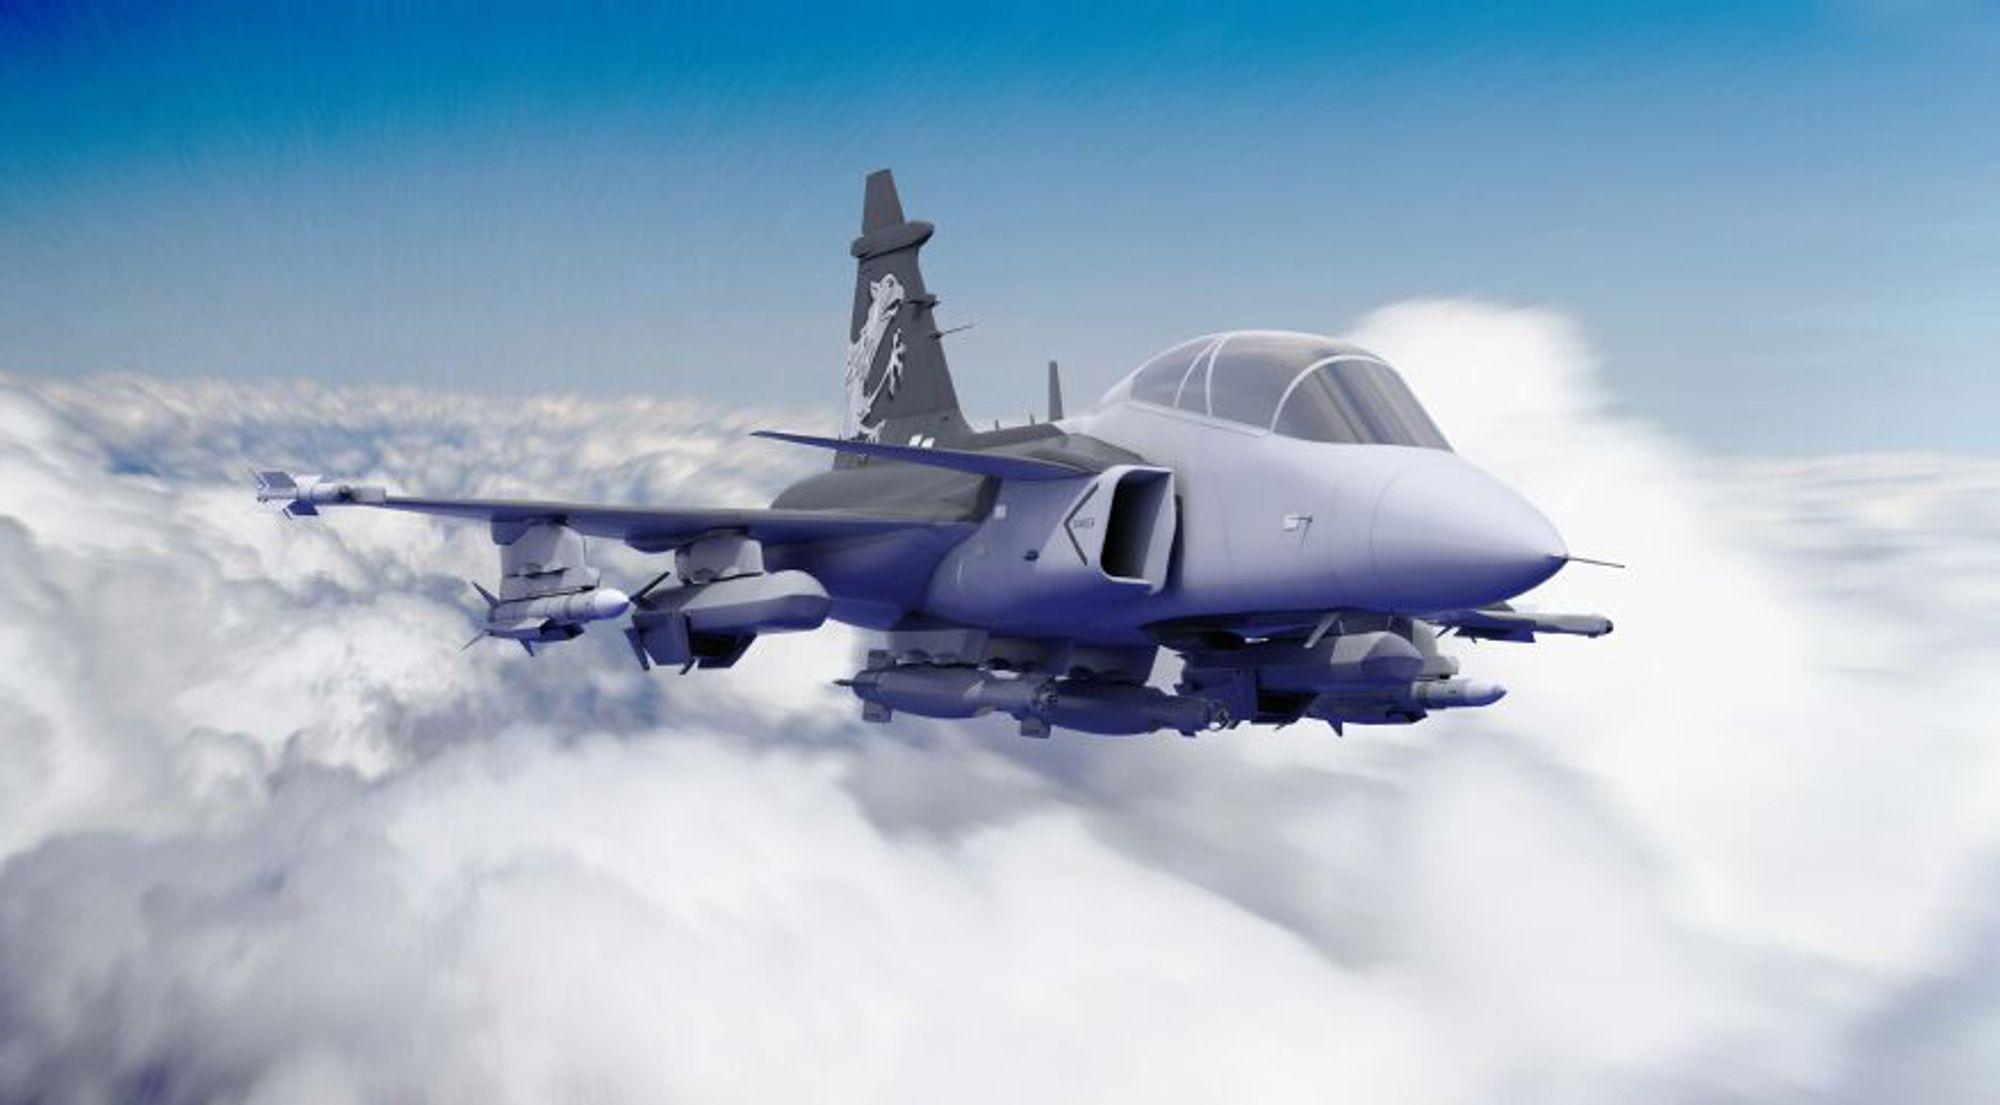 Neste generasjon JAS Gripen skal utstyres med forbedret radarteknologi og kommunikasjonsutstyr der norske Thales bidrar.